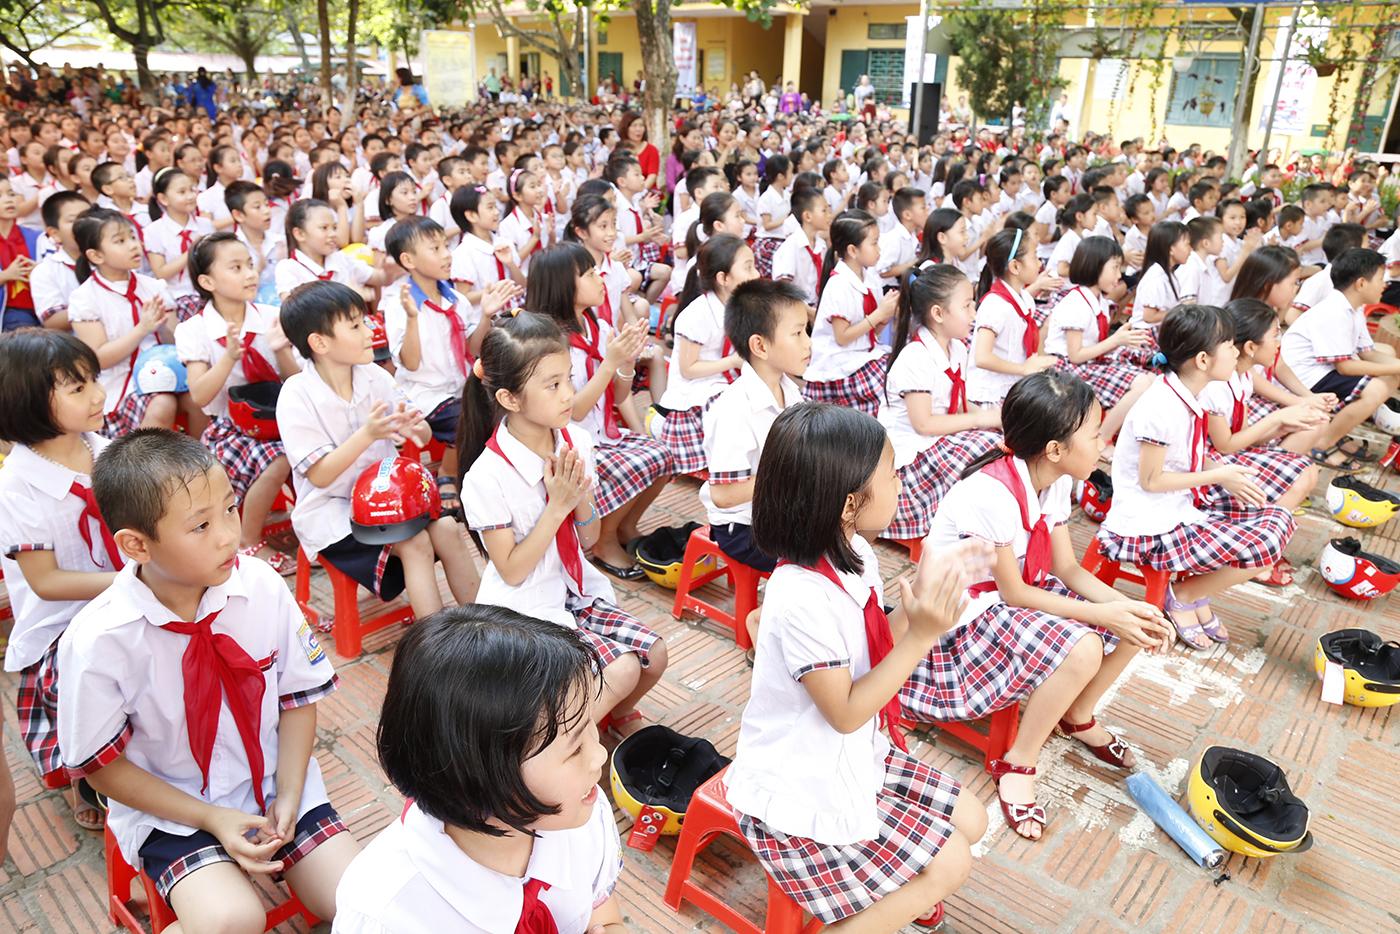 8-cac-em-hoc-sinh-han-hoan-chao-don-le-phat-dong-chuong-trinh-trao-tang-mu-bao-hiem-nam-2017.JPG